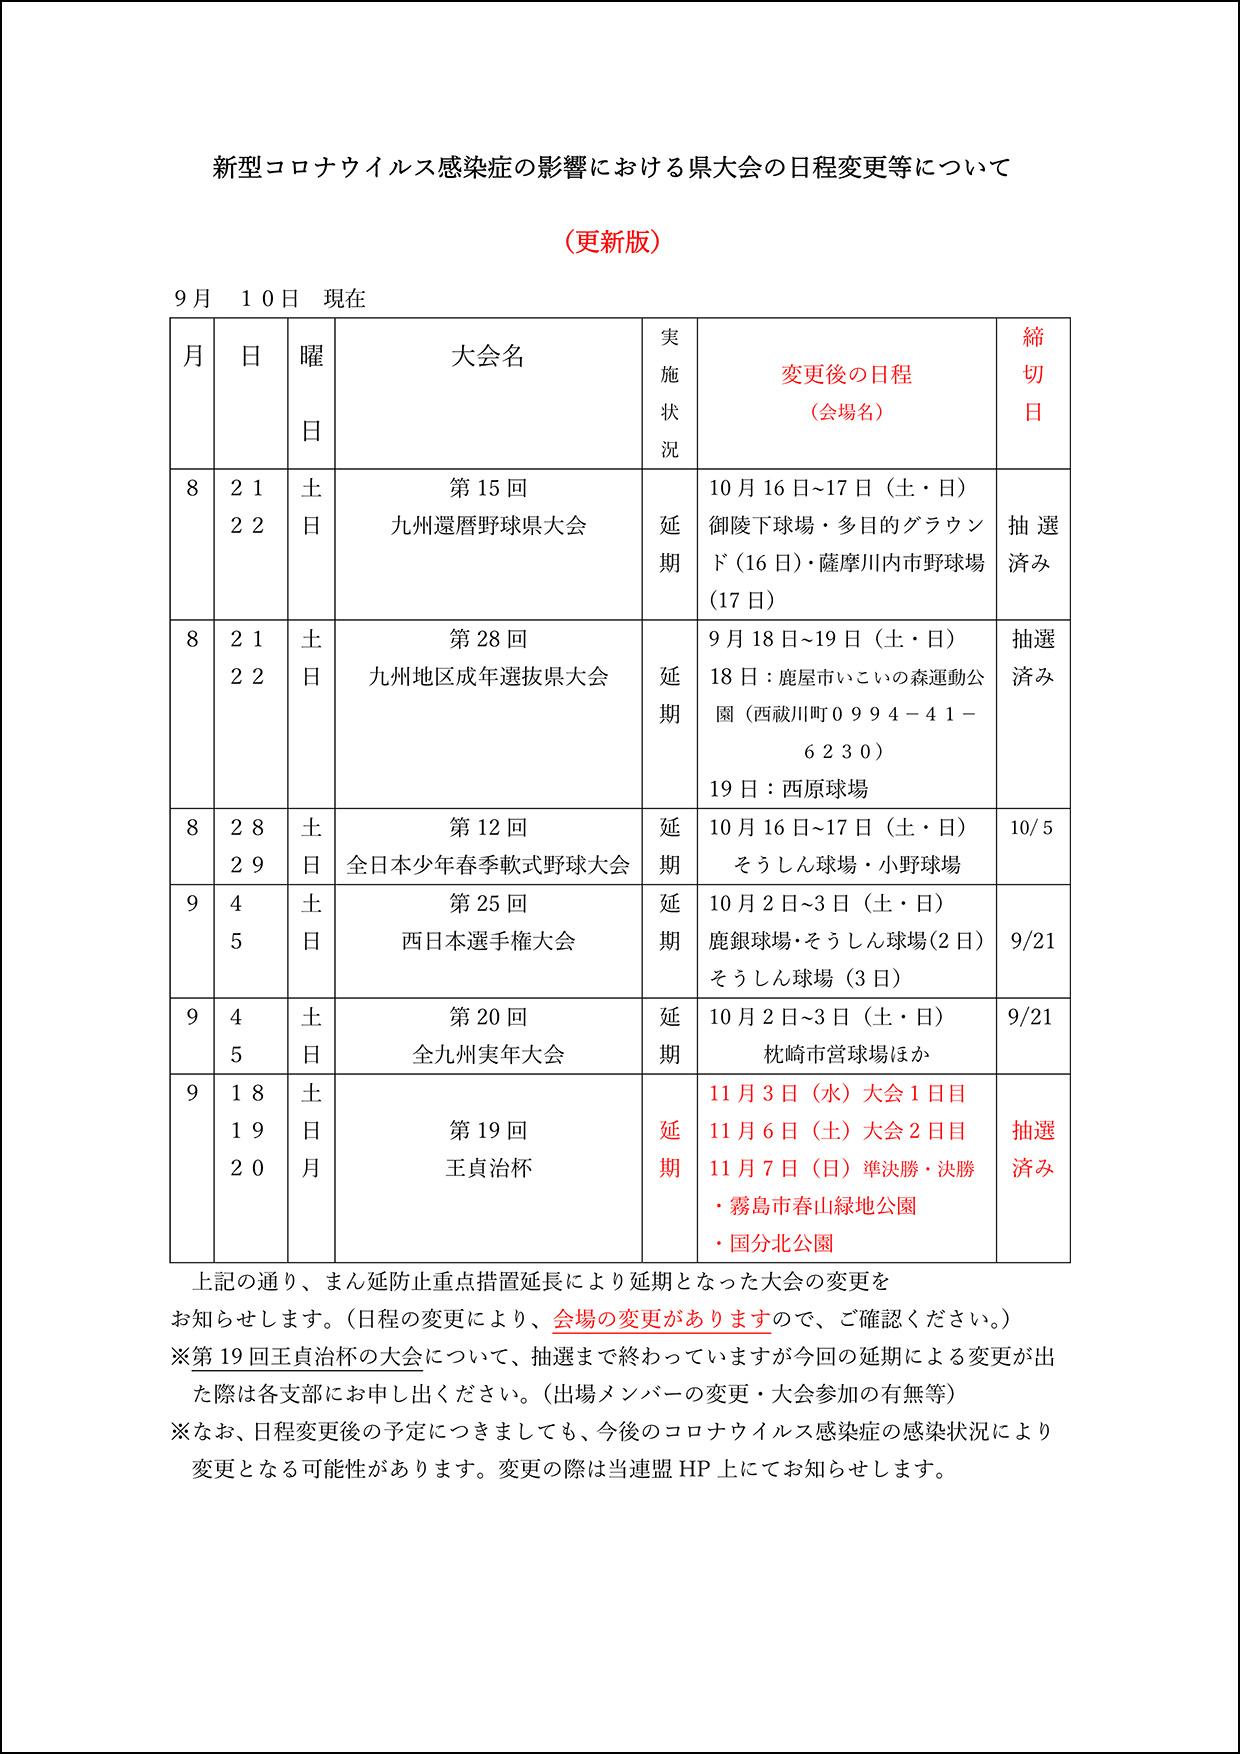 新型コロナウイルス感染症の影響における県⼤会の⽇程変更等について